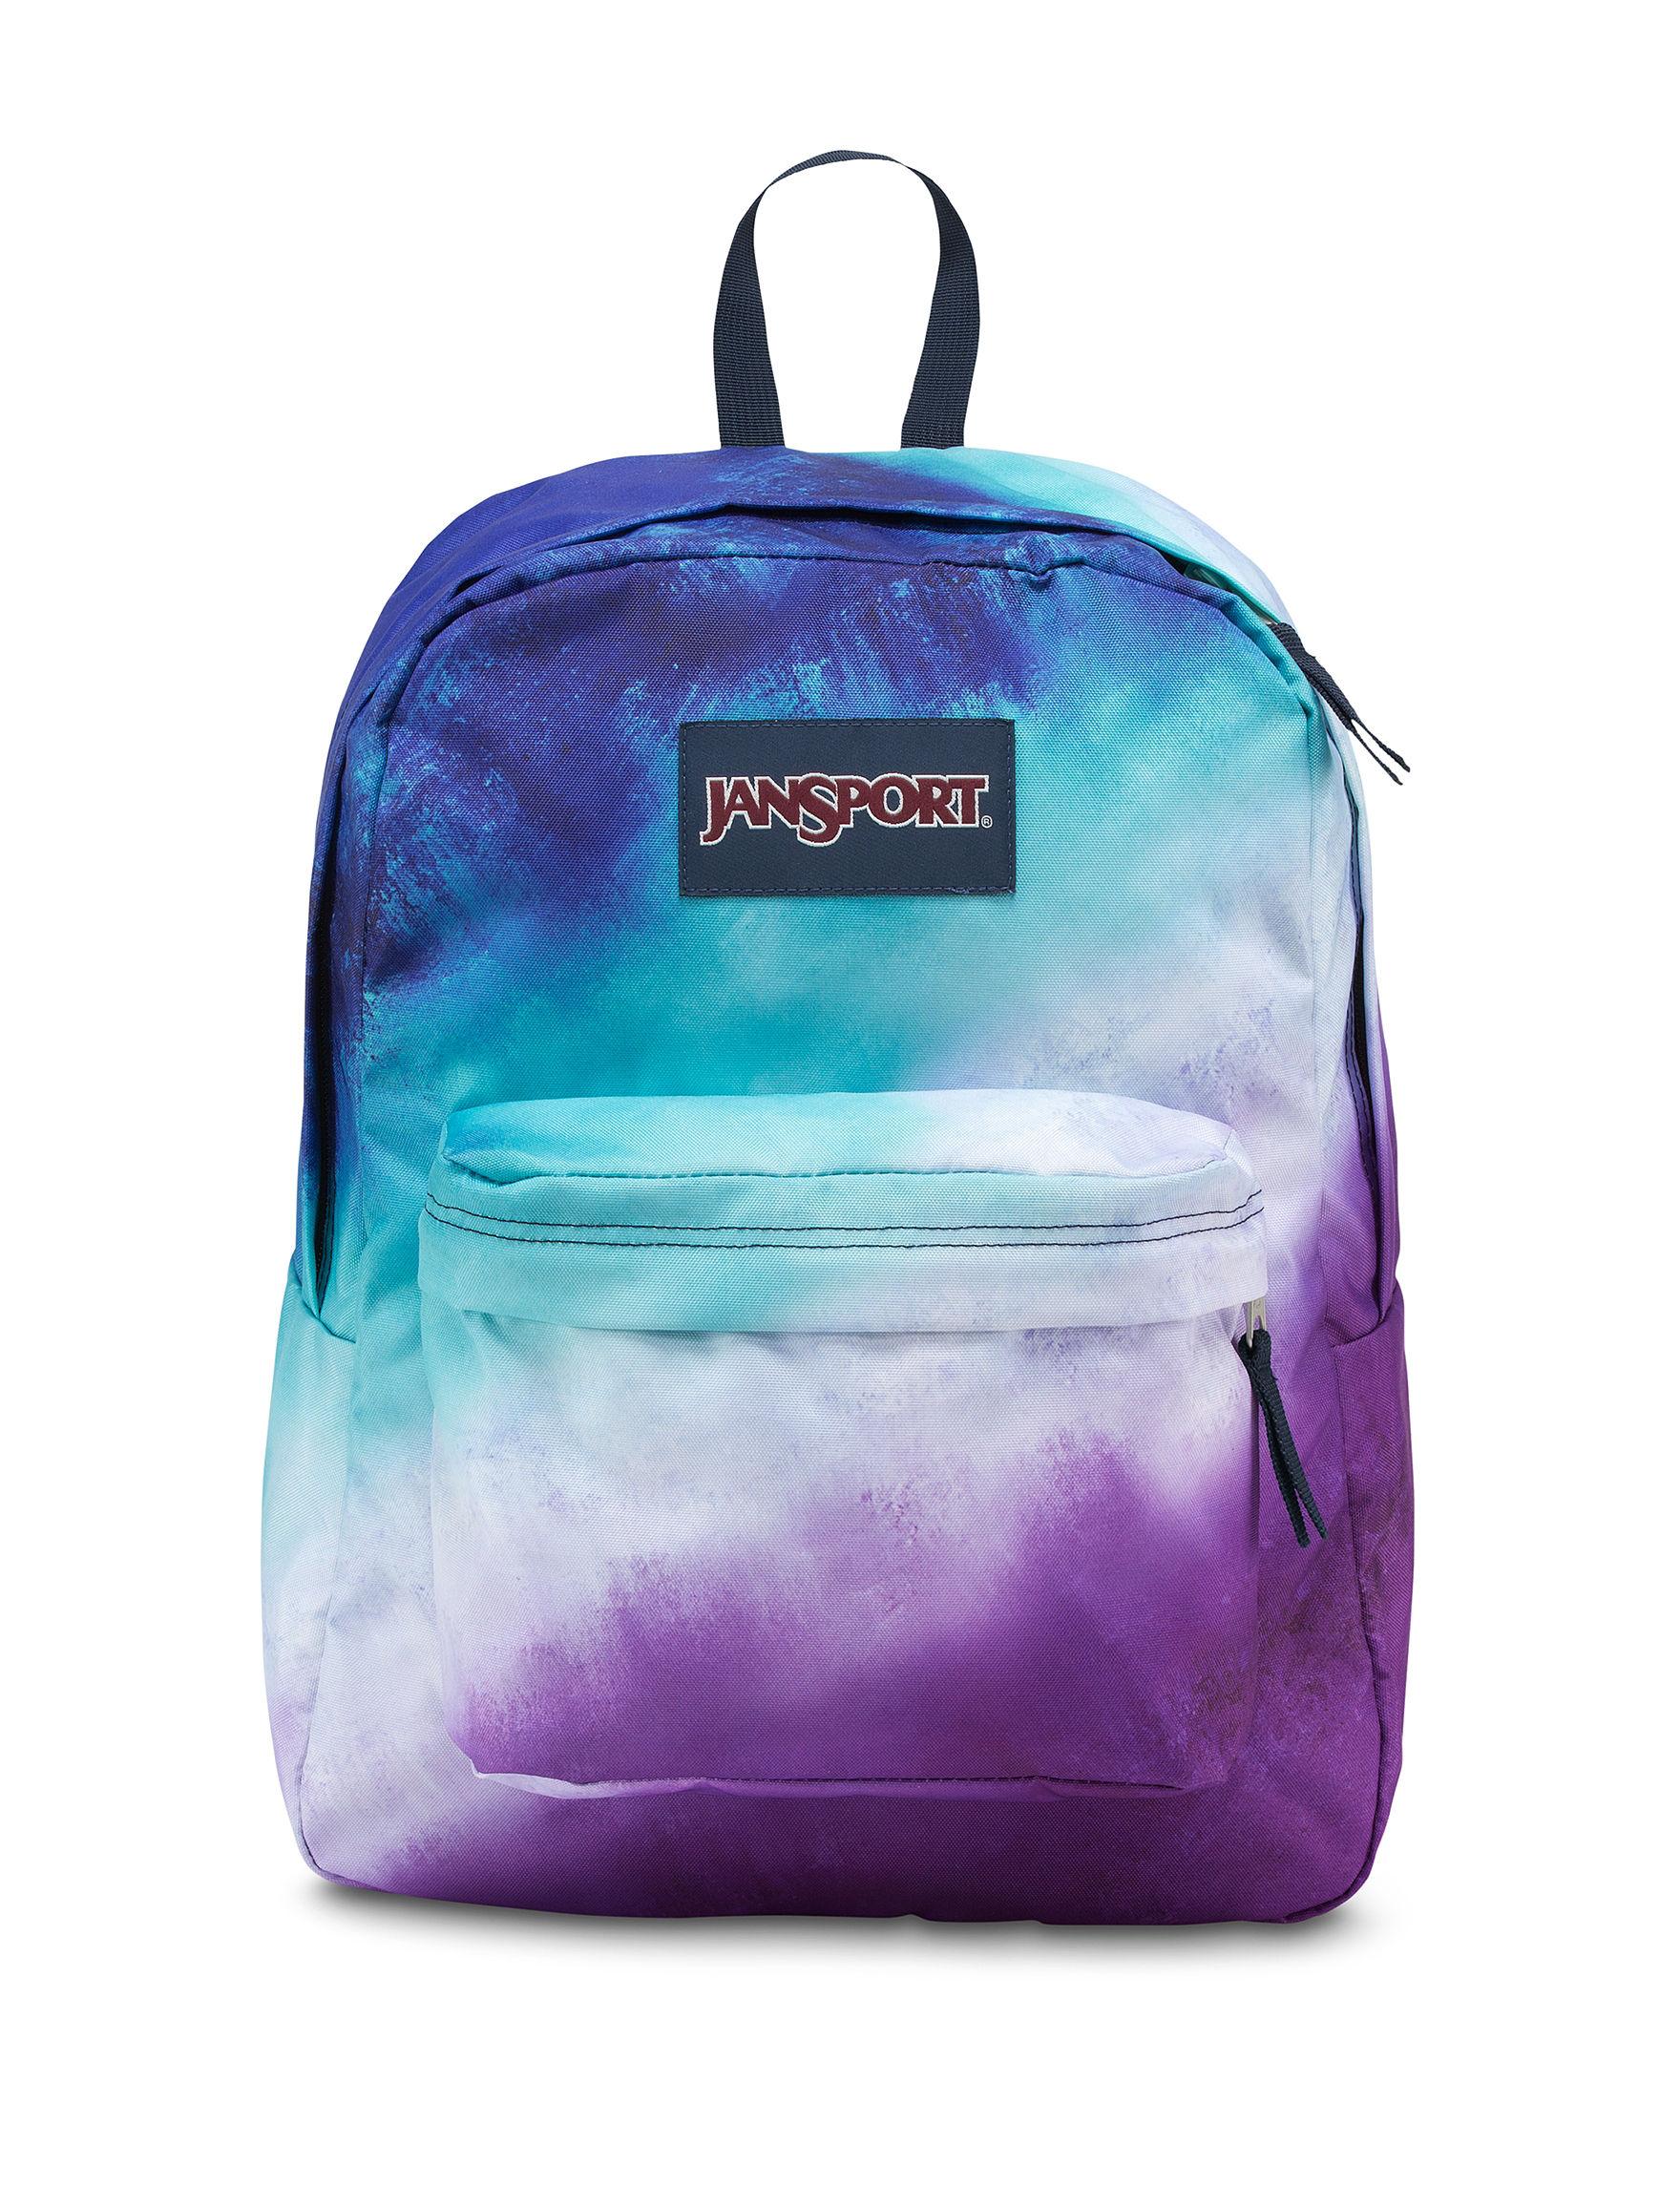 Jansport Blue Bookbags & Backpacks